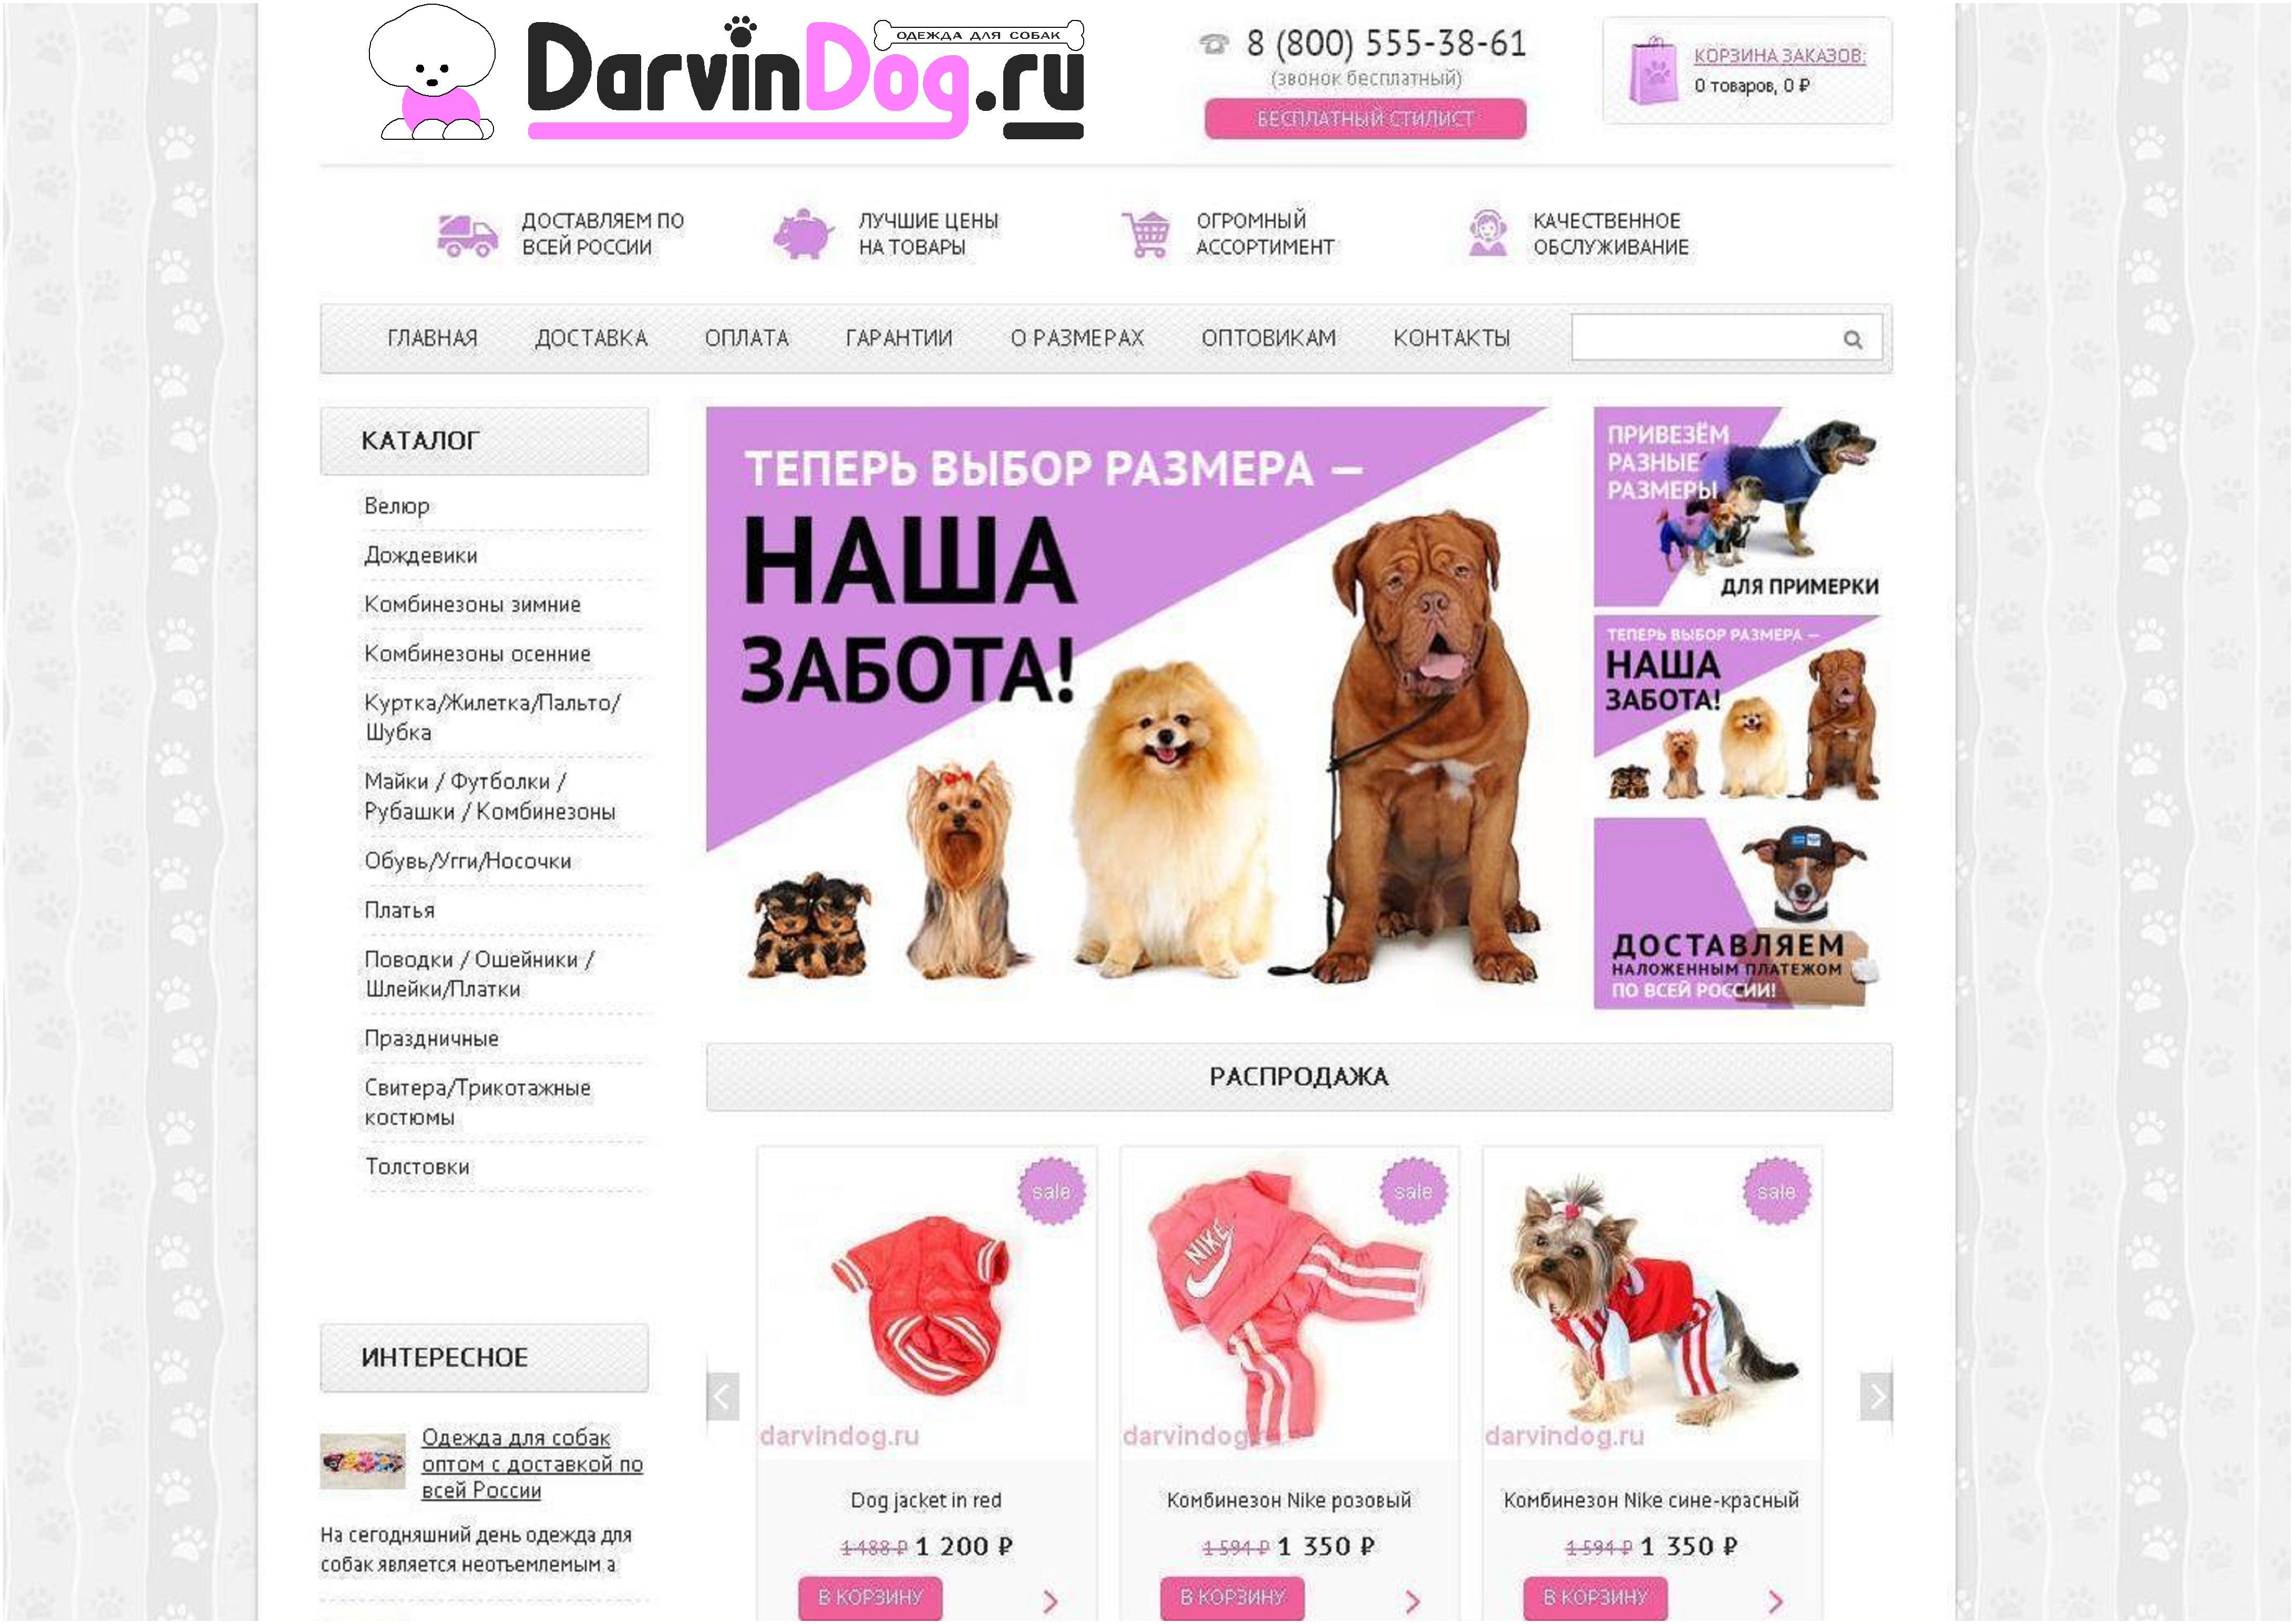 Создать логотип для интернет магазина одежды для собак фото f_283564c1fc6810fa.jpg